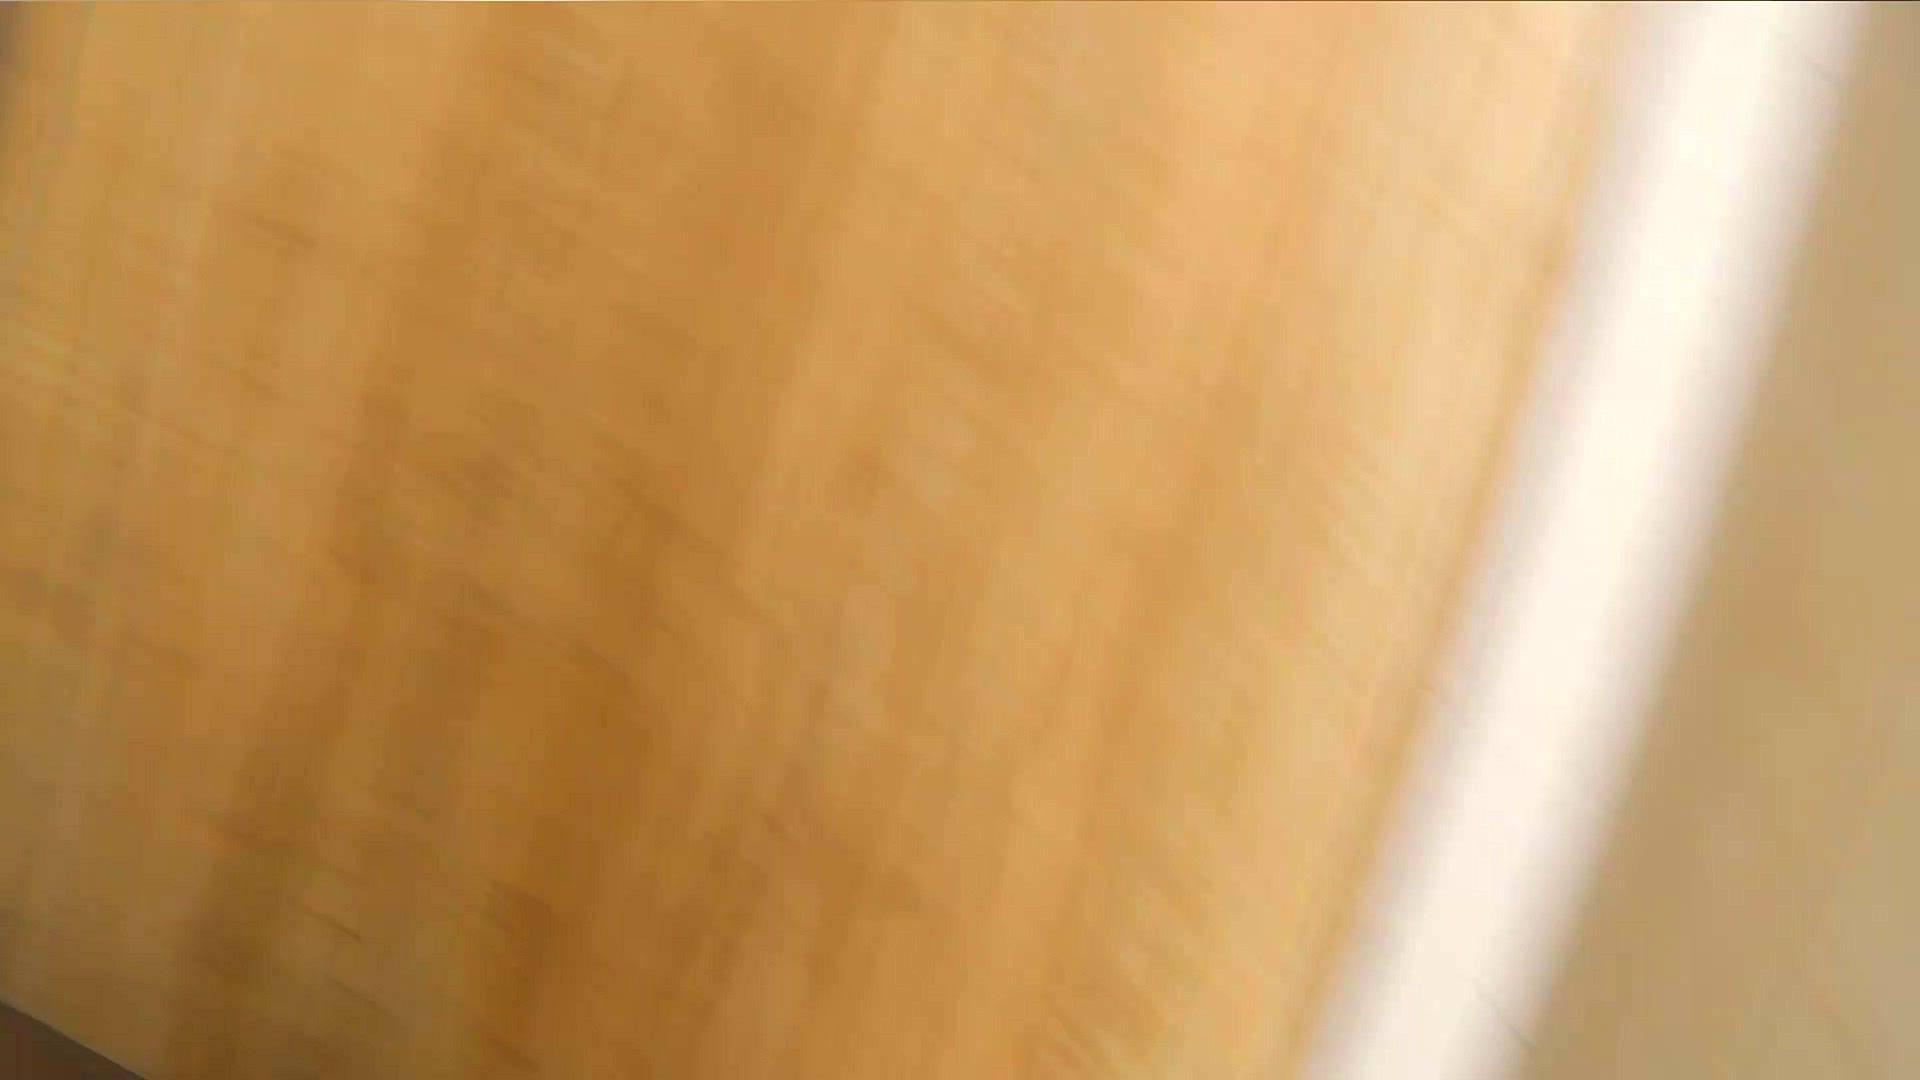 阿国ちゃんの「和式洋式七変化」No.1 洗面所   和式で踏ん張り中  50連発 43